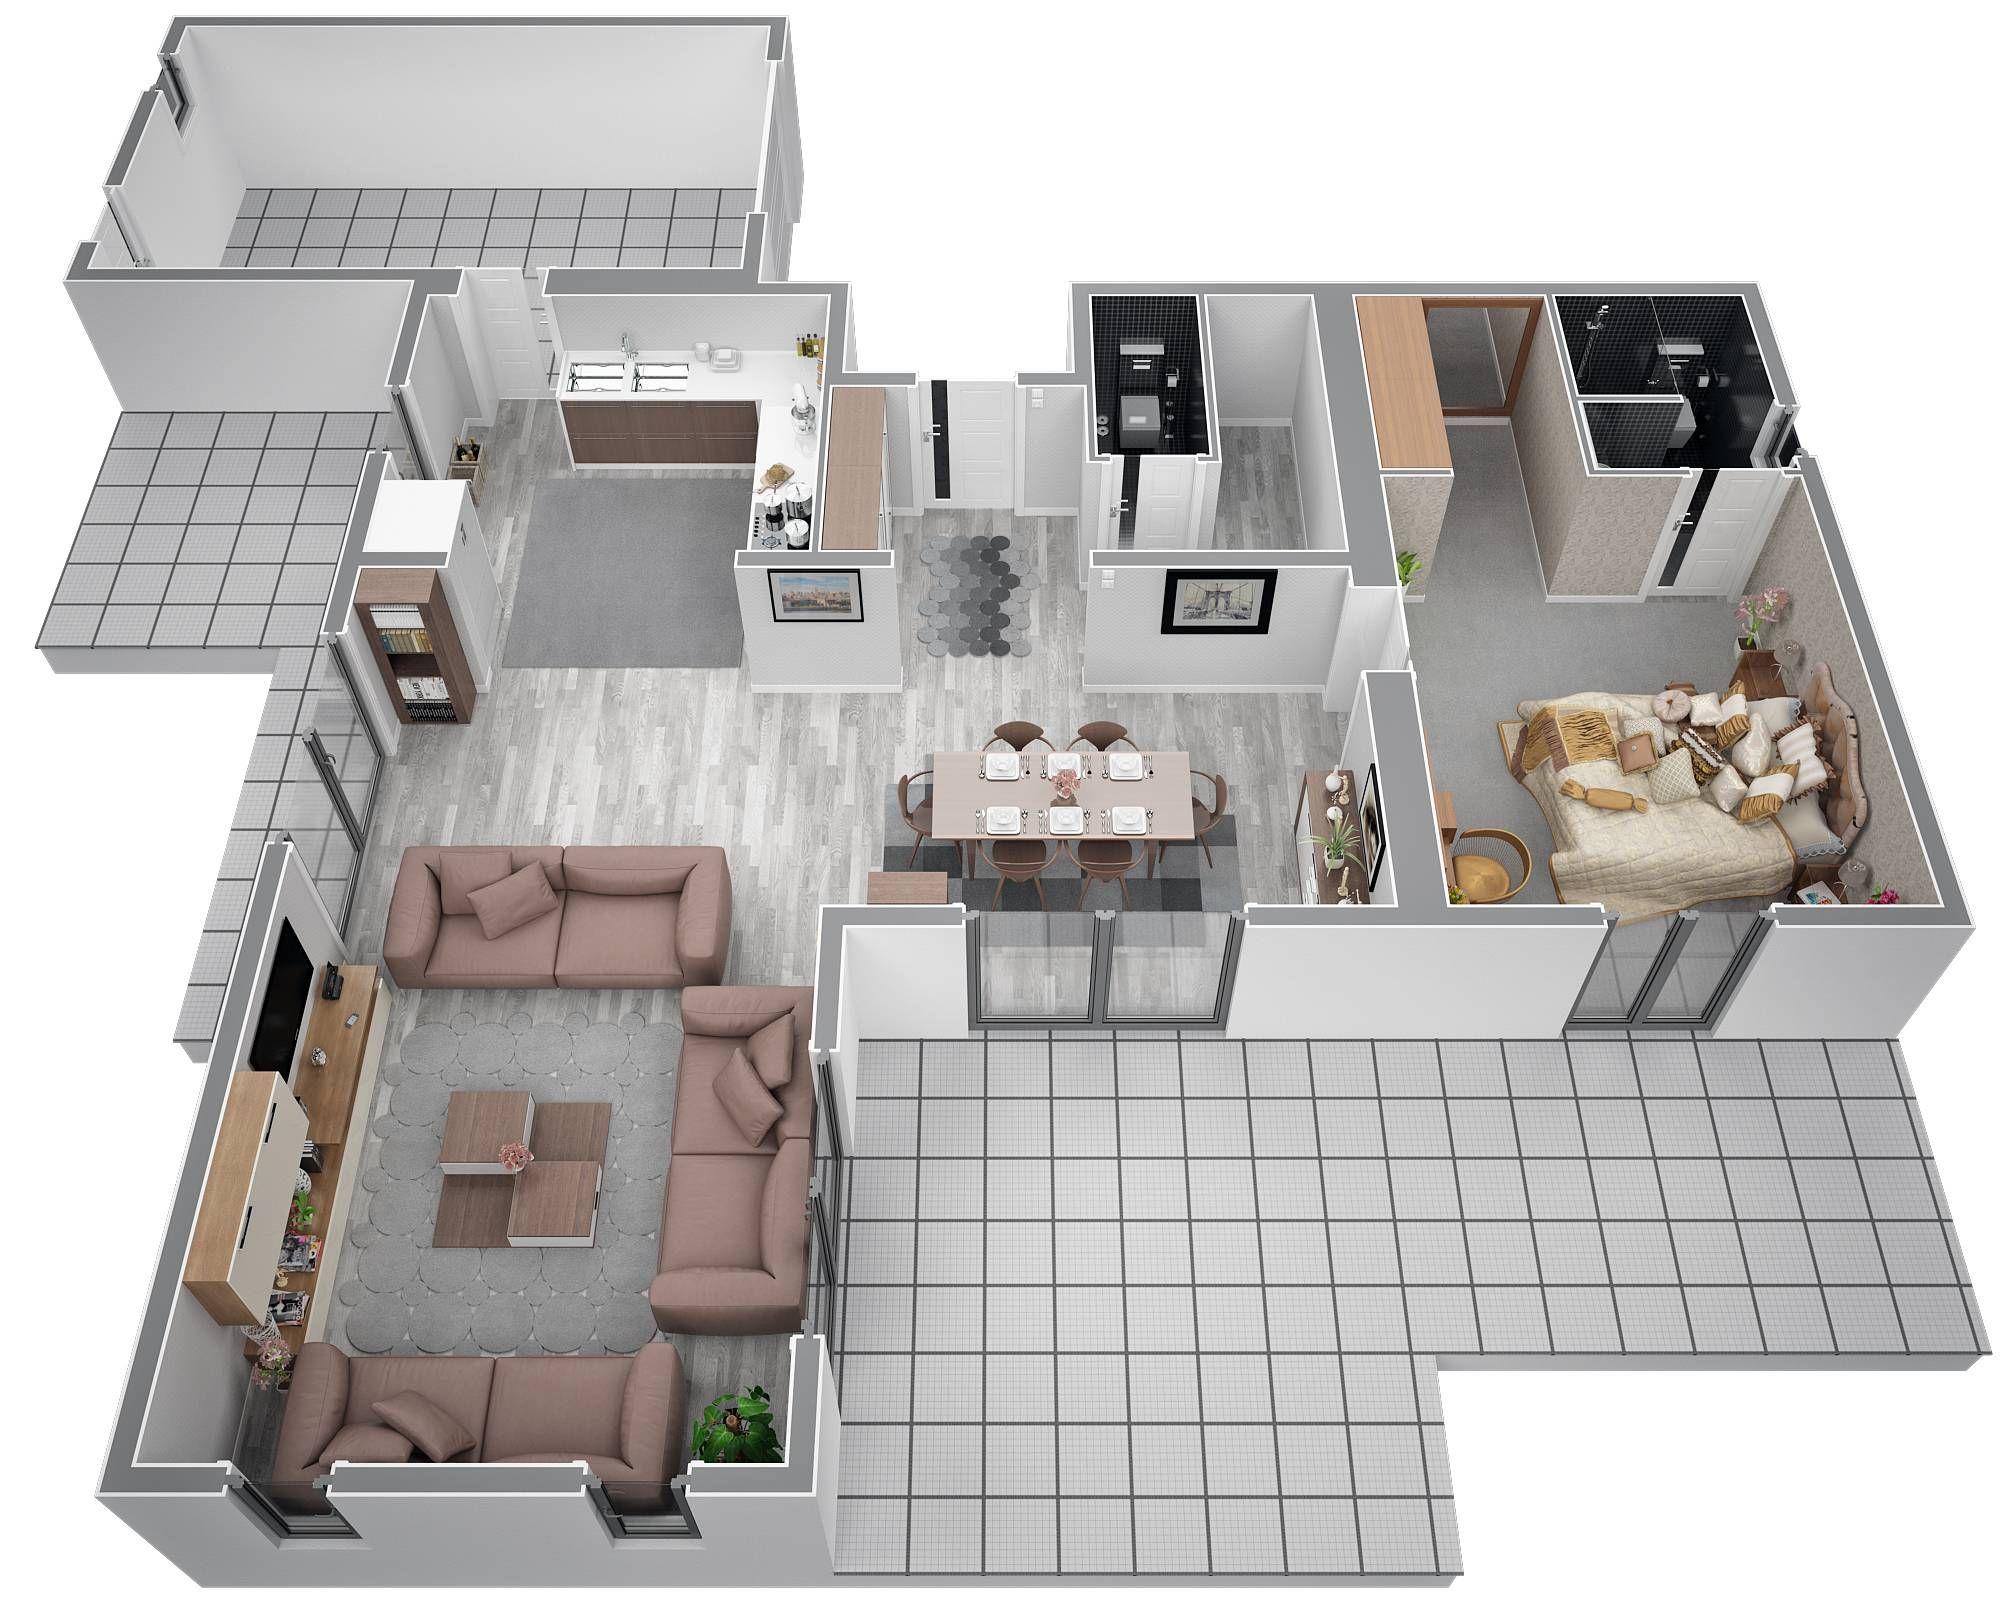 azur logement provencal vous pr sente la villa contemporaine lavande contemporaine 130m2 m me s. Black Bedroom Furniture Sets. Home Design Ideas